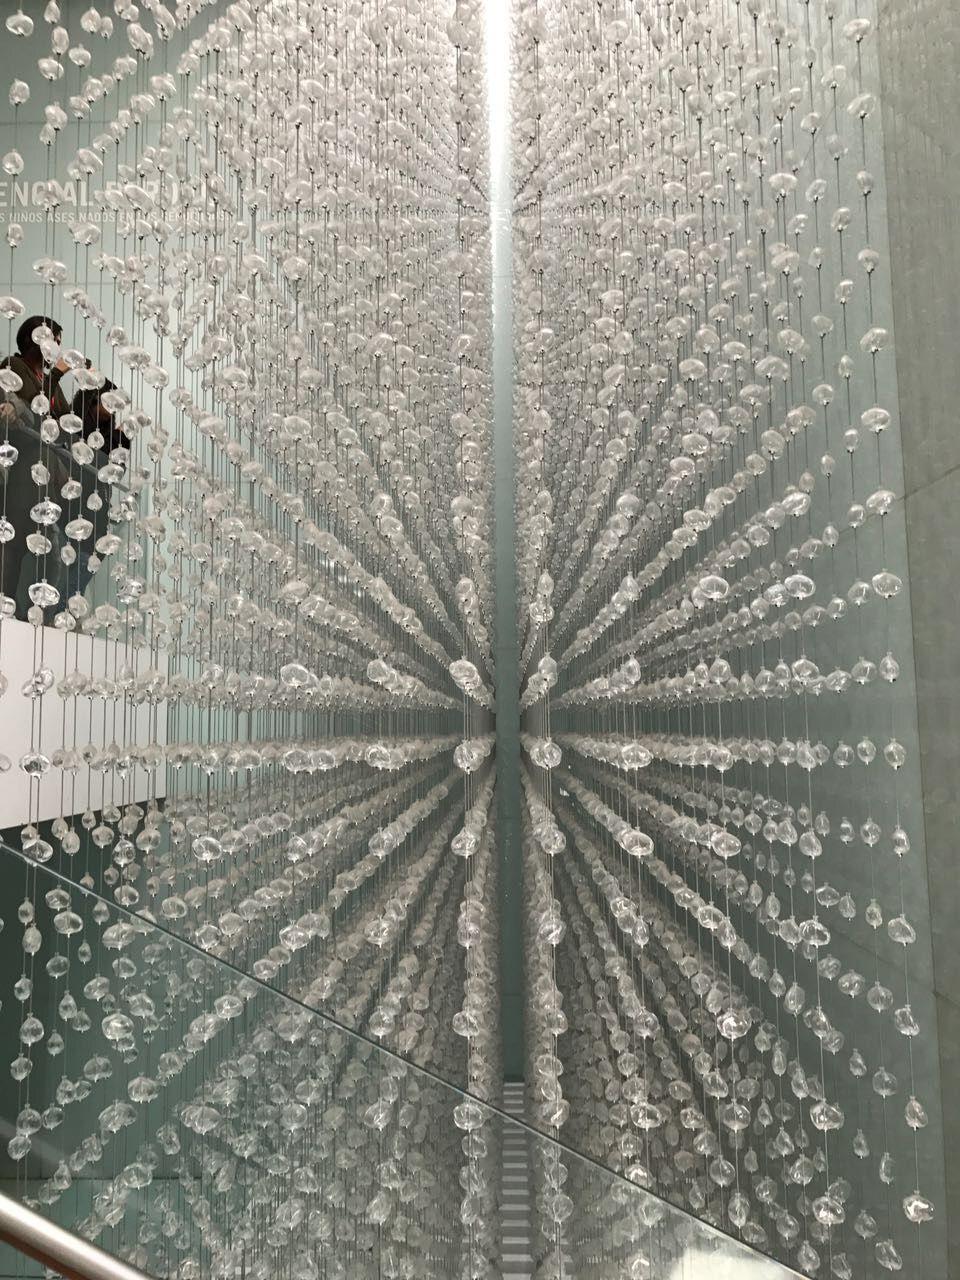 20000 lagrimas de cristal (afuera de exposición de memoria). Fernanda López